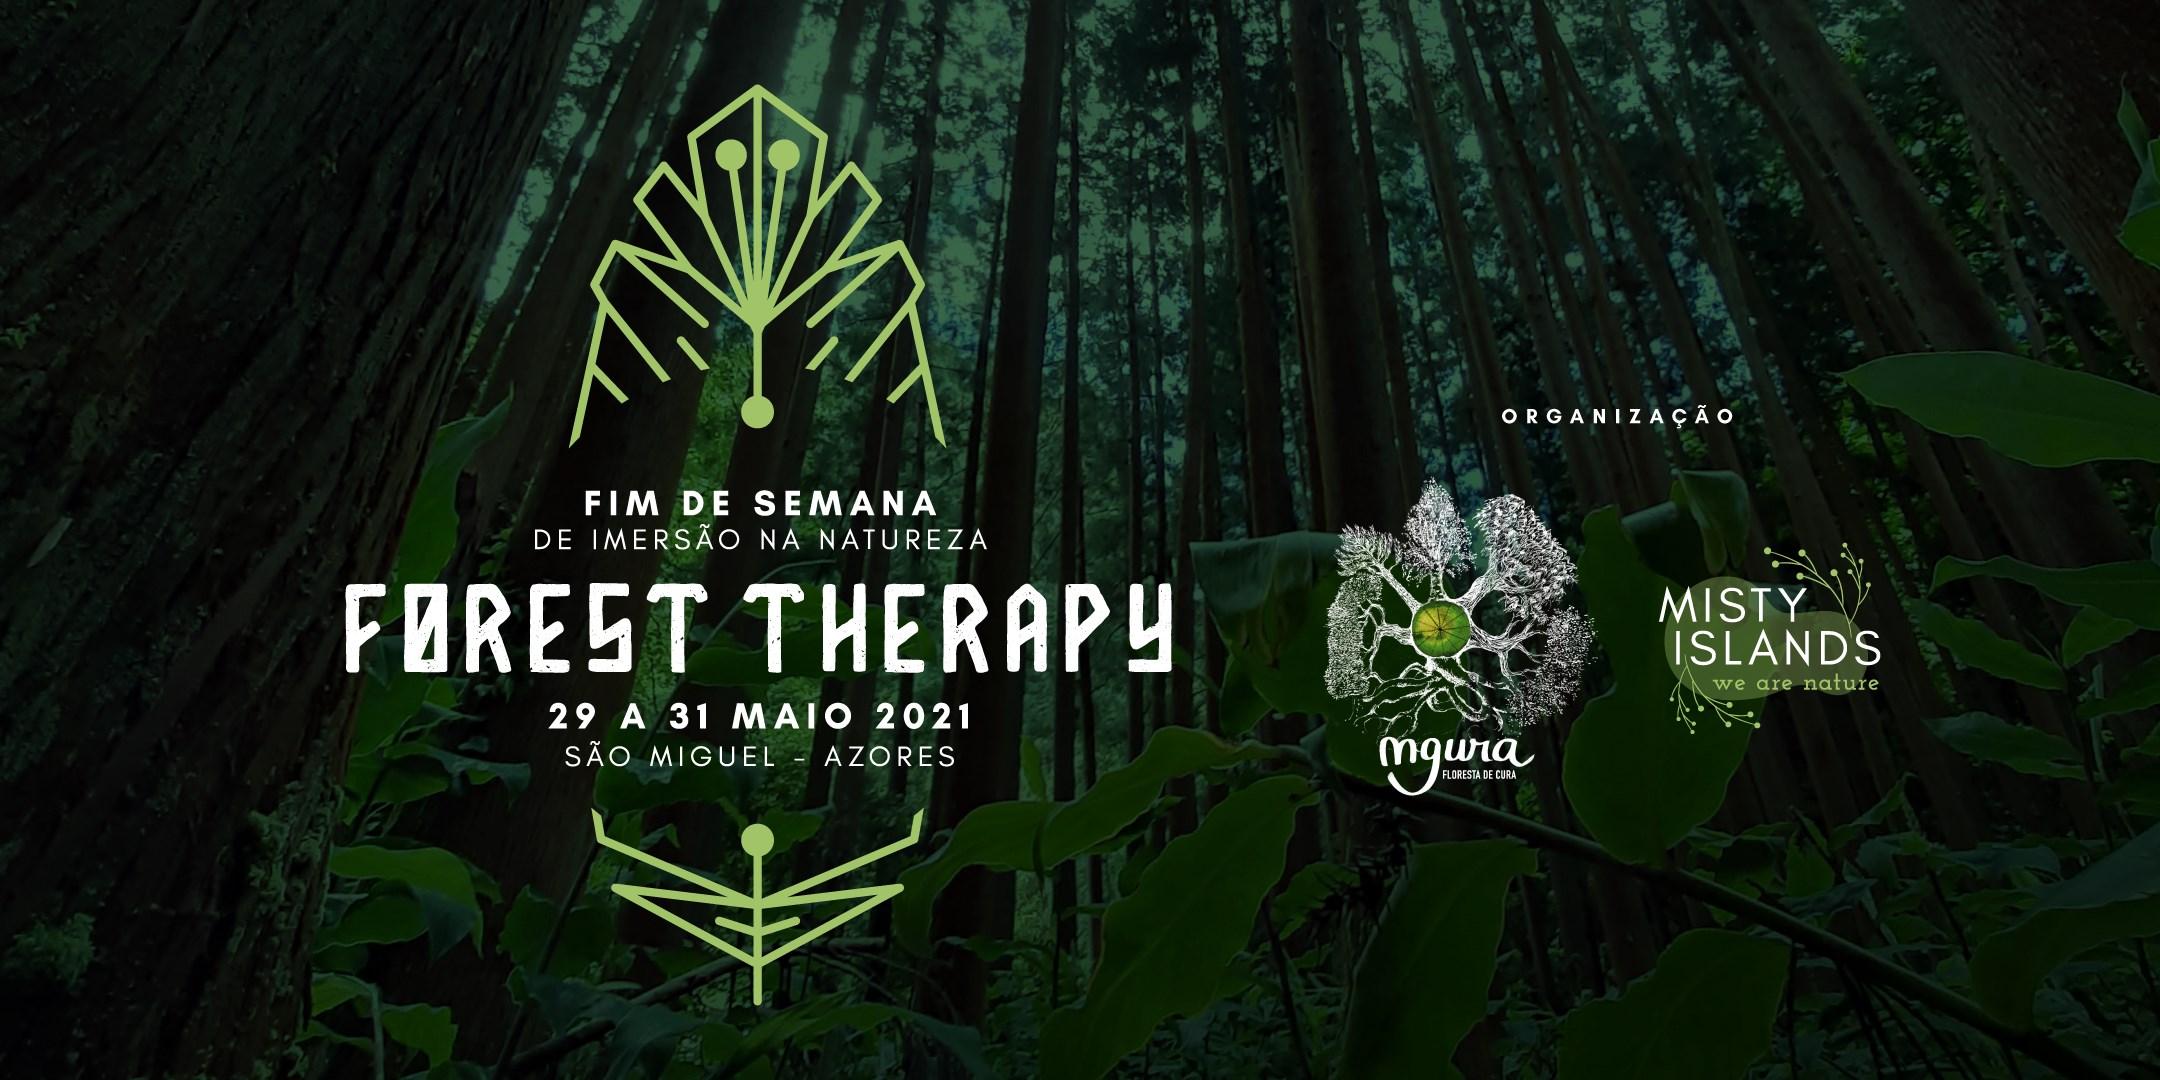 Forest Therapy - Retiro de Imersão na Natureza